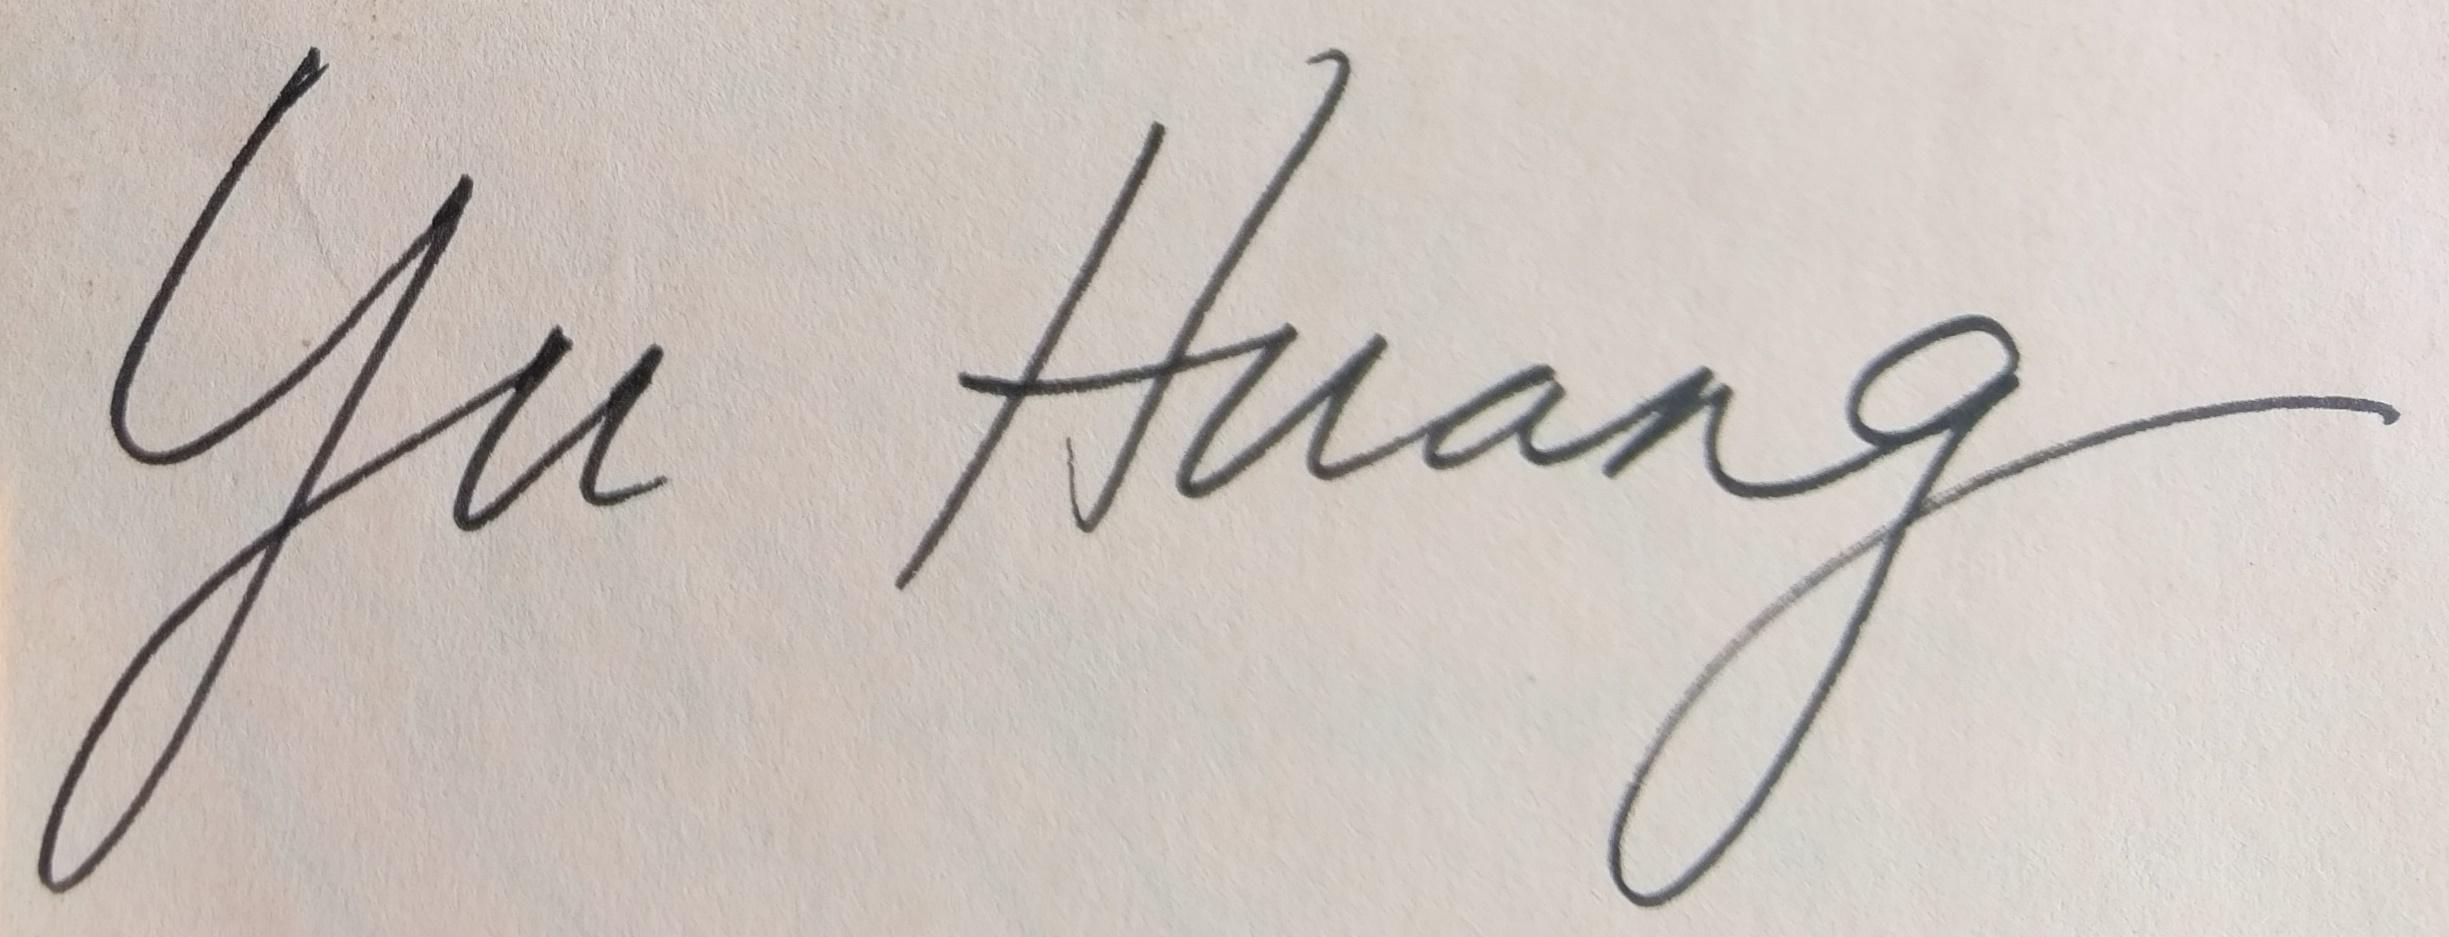 Yu Huang's Signature